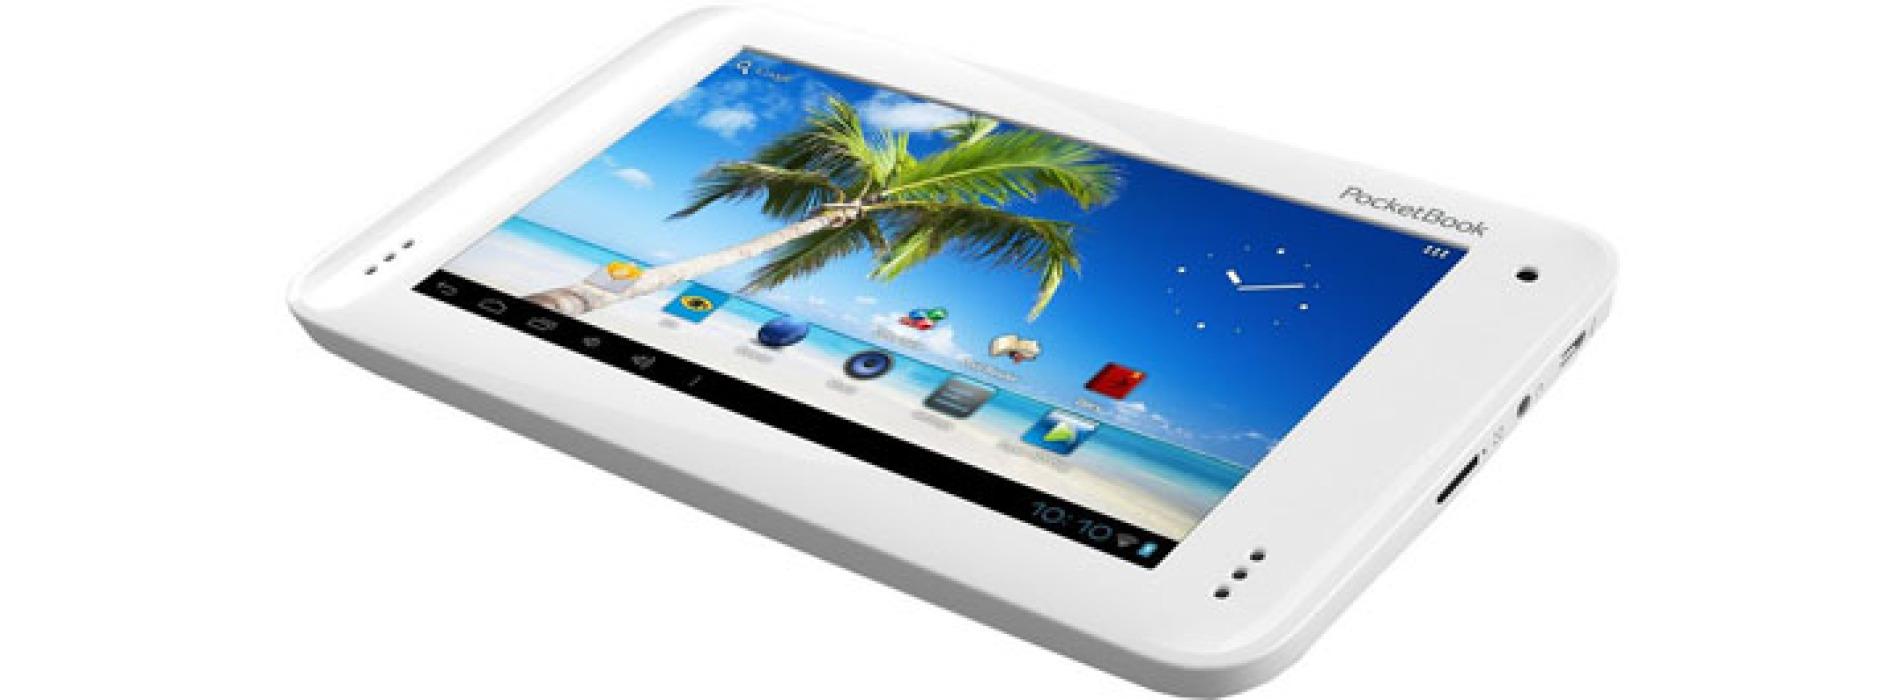 Ремонт планшетов PocketBook